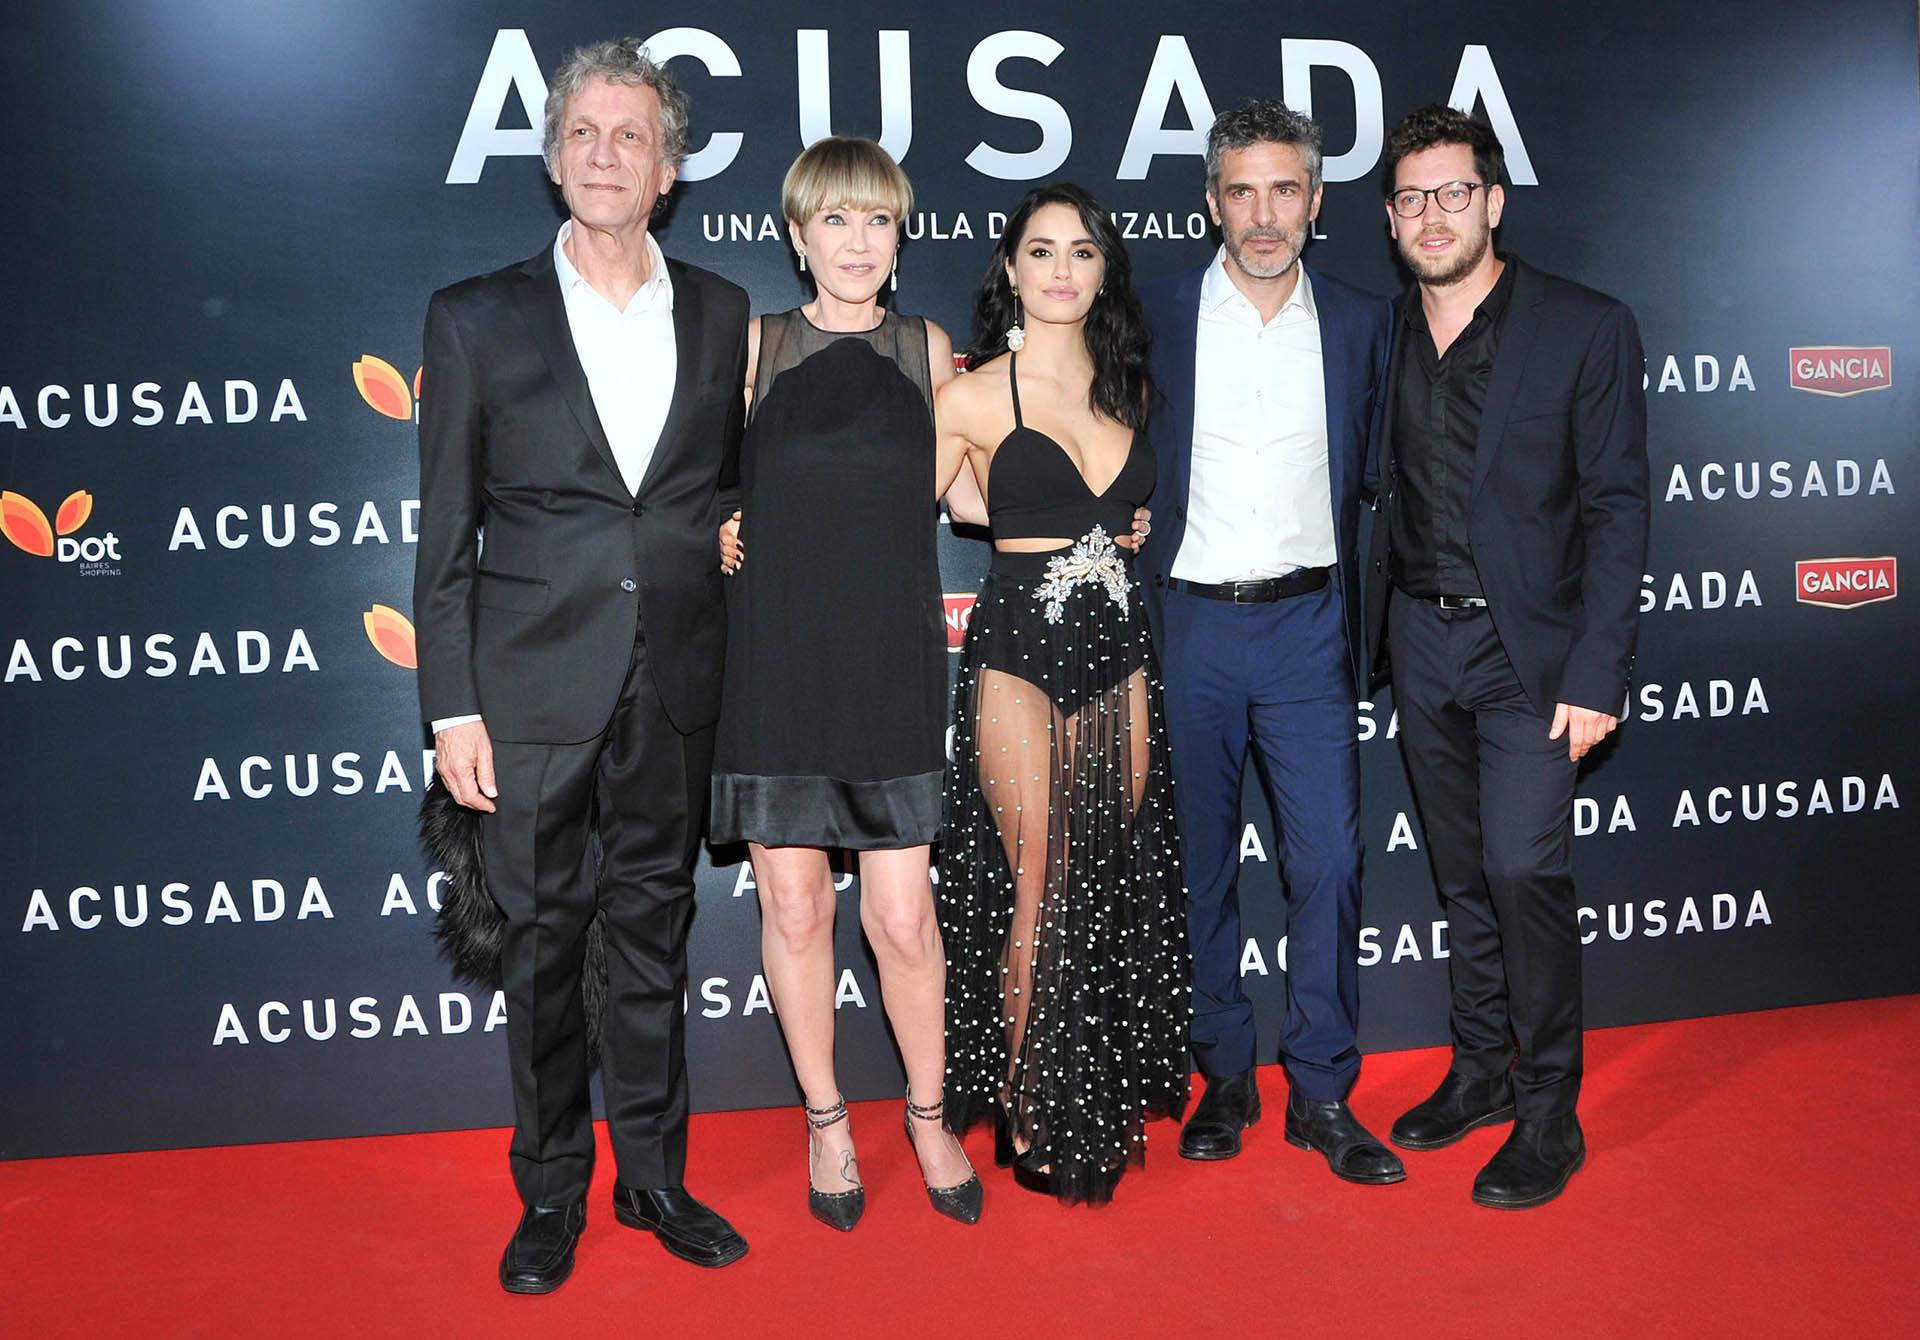 Los protagonistas de Acusada con el director, Gonzalo Tobal